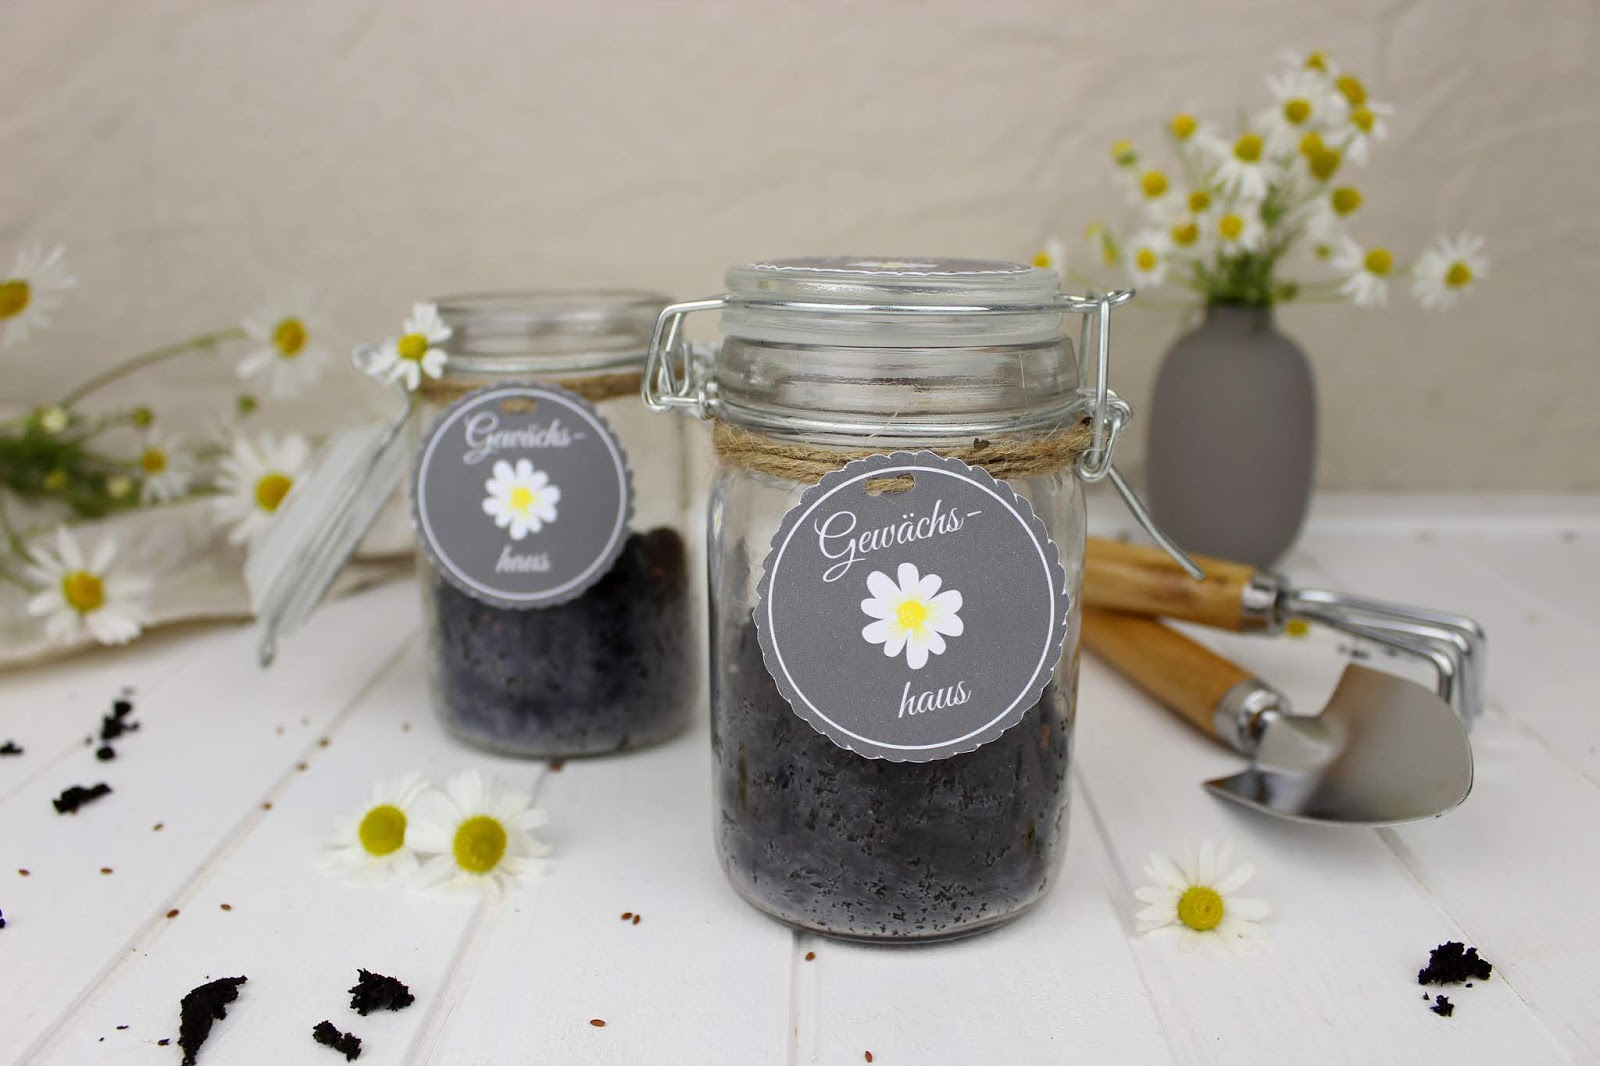 DIY - Mini Gewächshaus im Glas - perfekte Geschenkidee für den Sommer + gratis Etikett